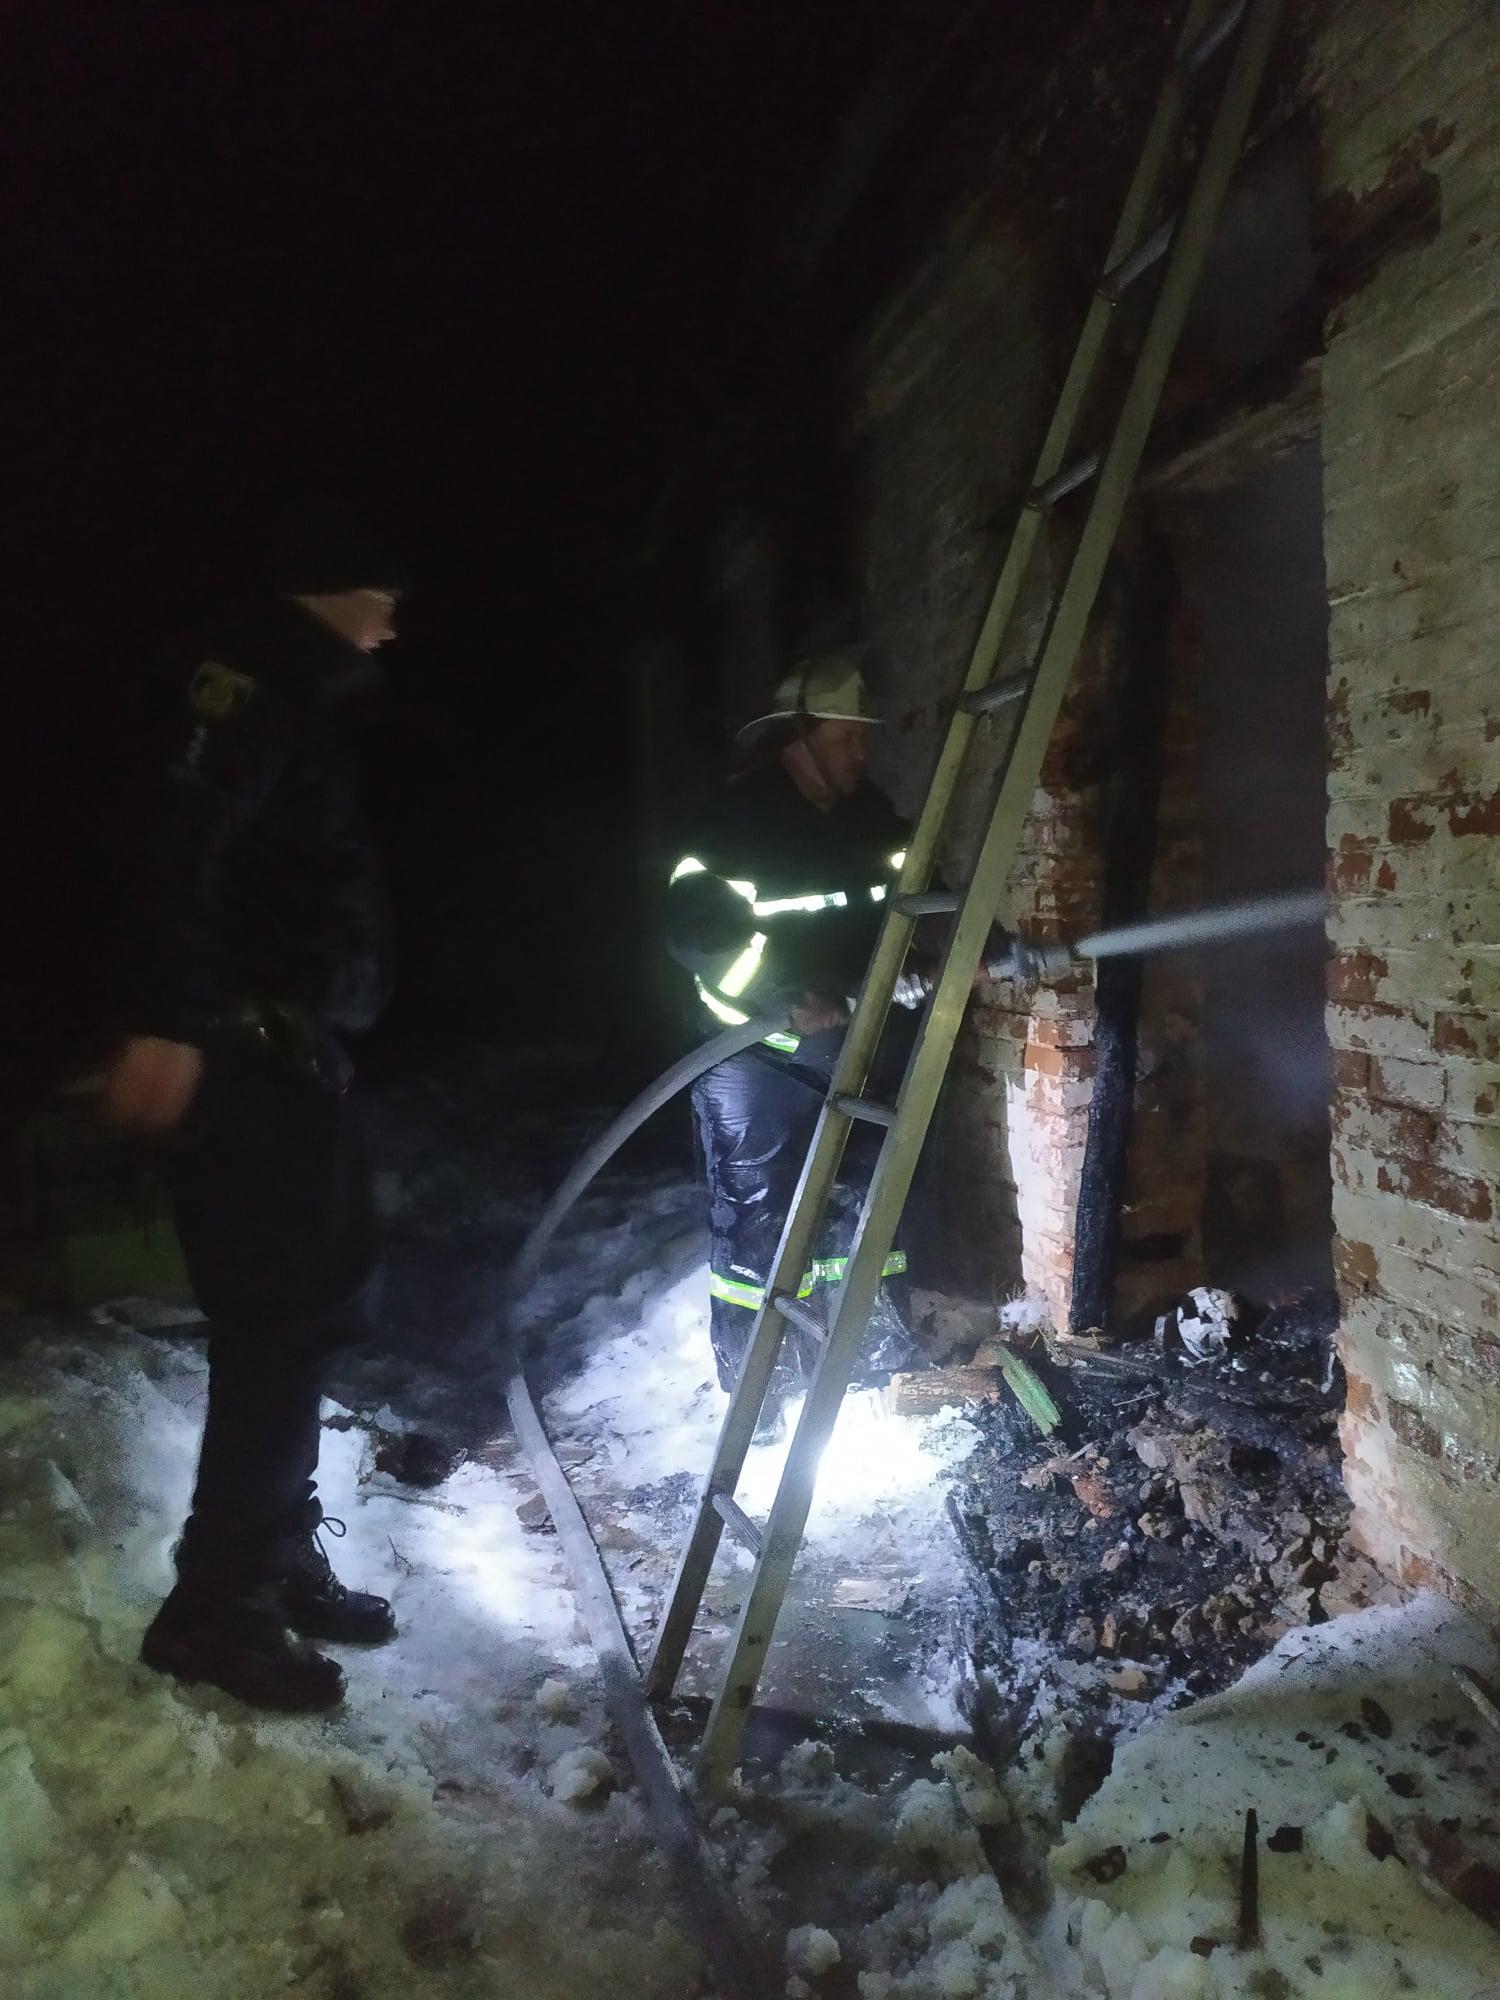 На Тетіївщині в пожежі загинула людина - тіло, Тетіїв, вогонь - 149041238 859170464662021 1336771915874336311 o